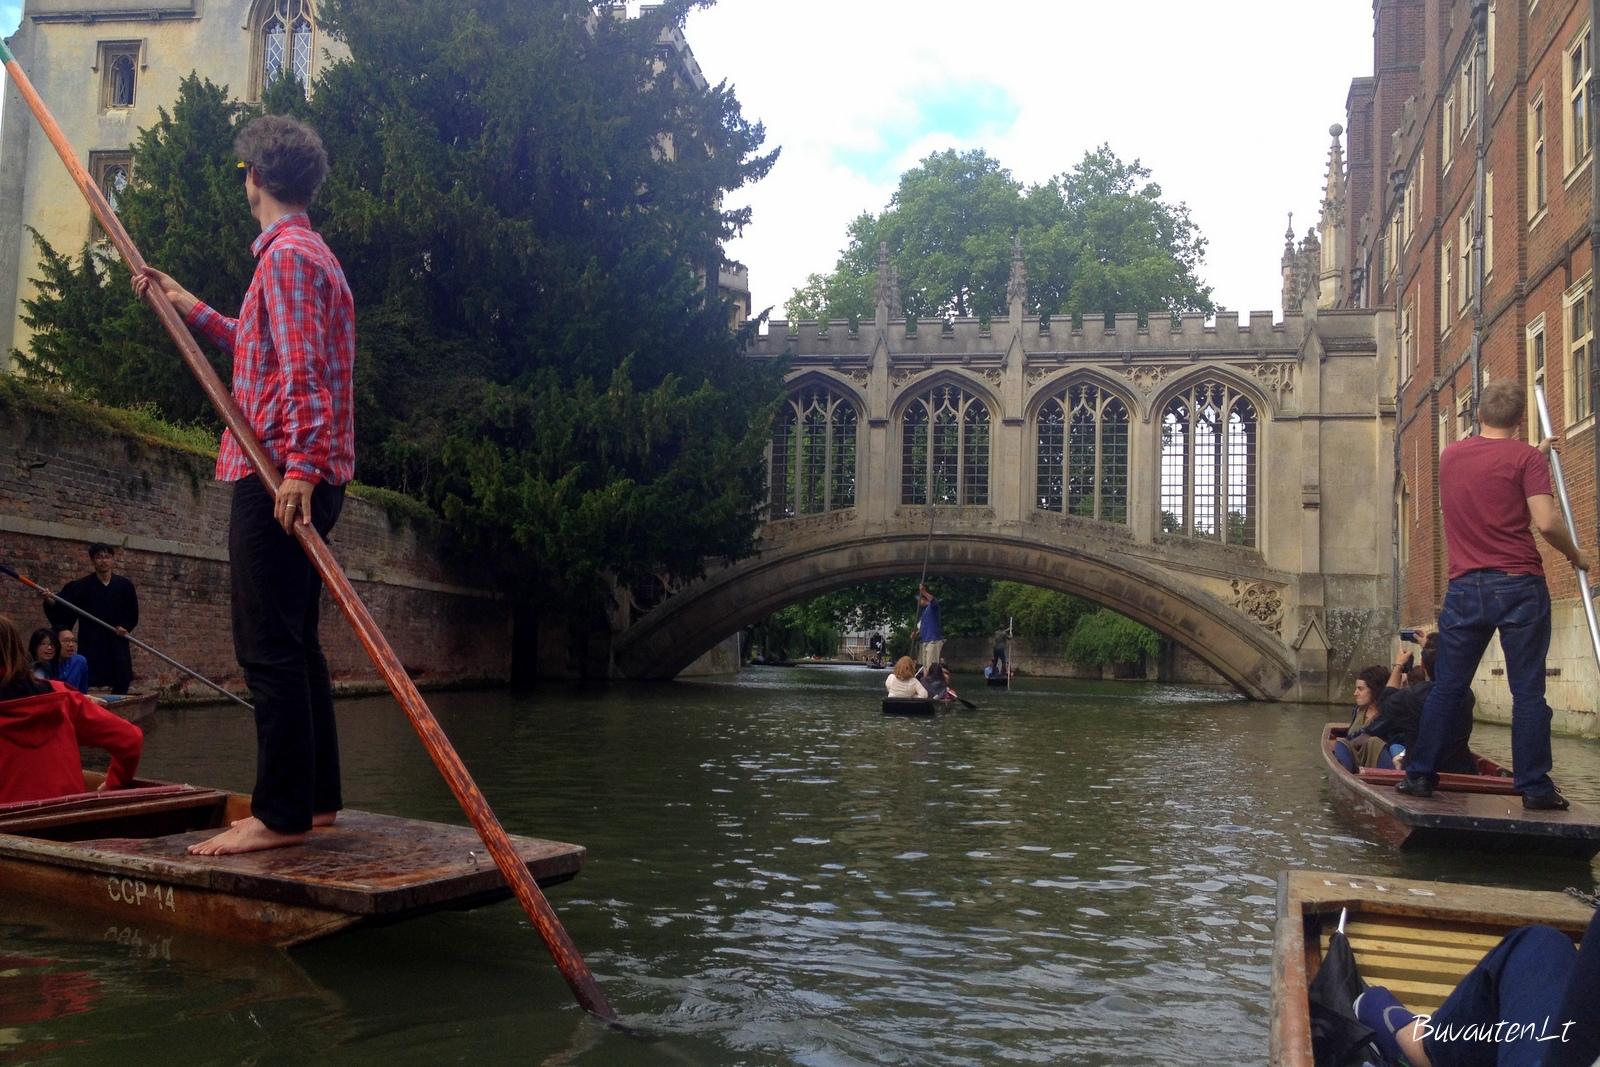 Paplaukioti goldolomis Kembridže - būtina